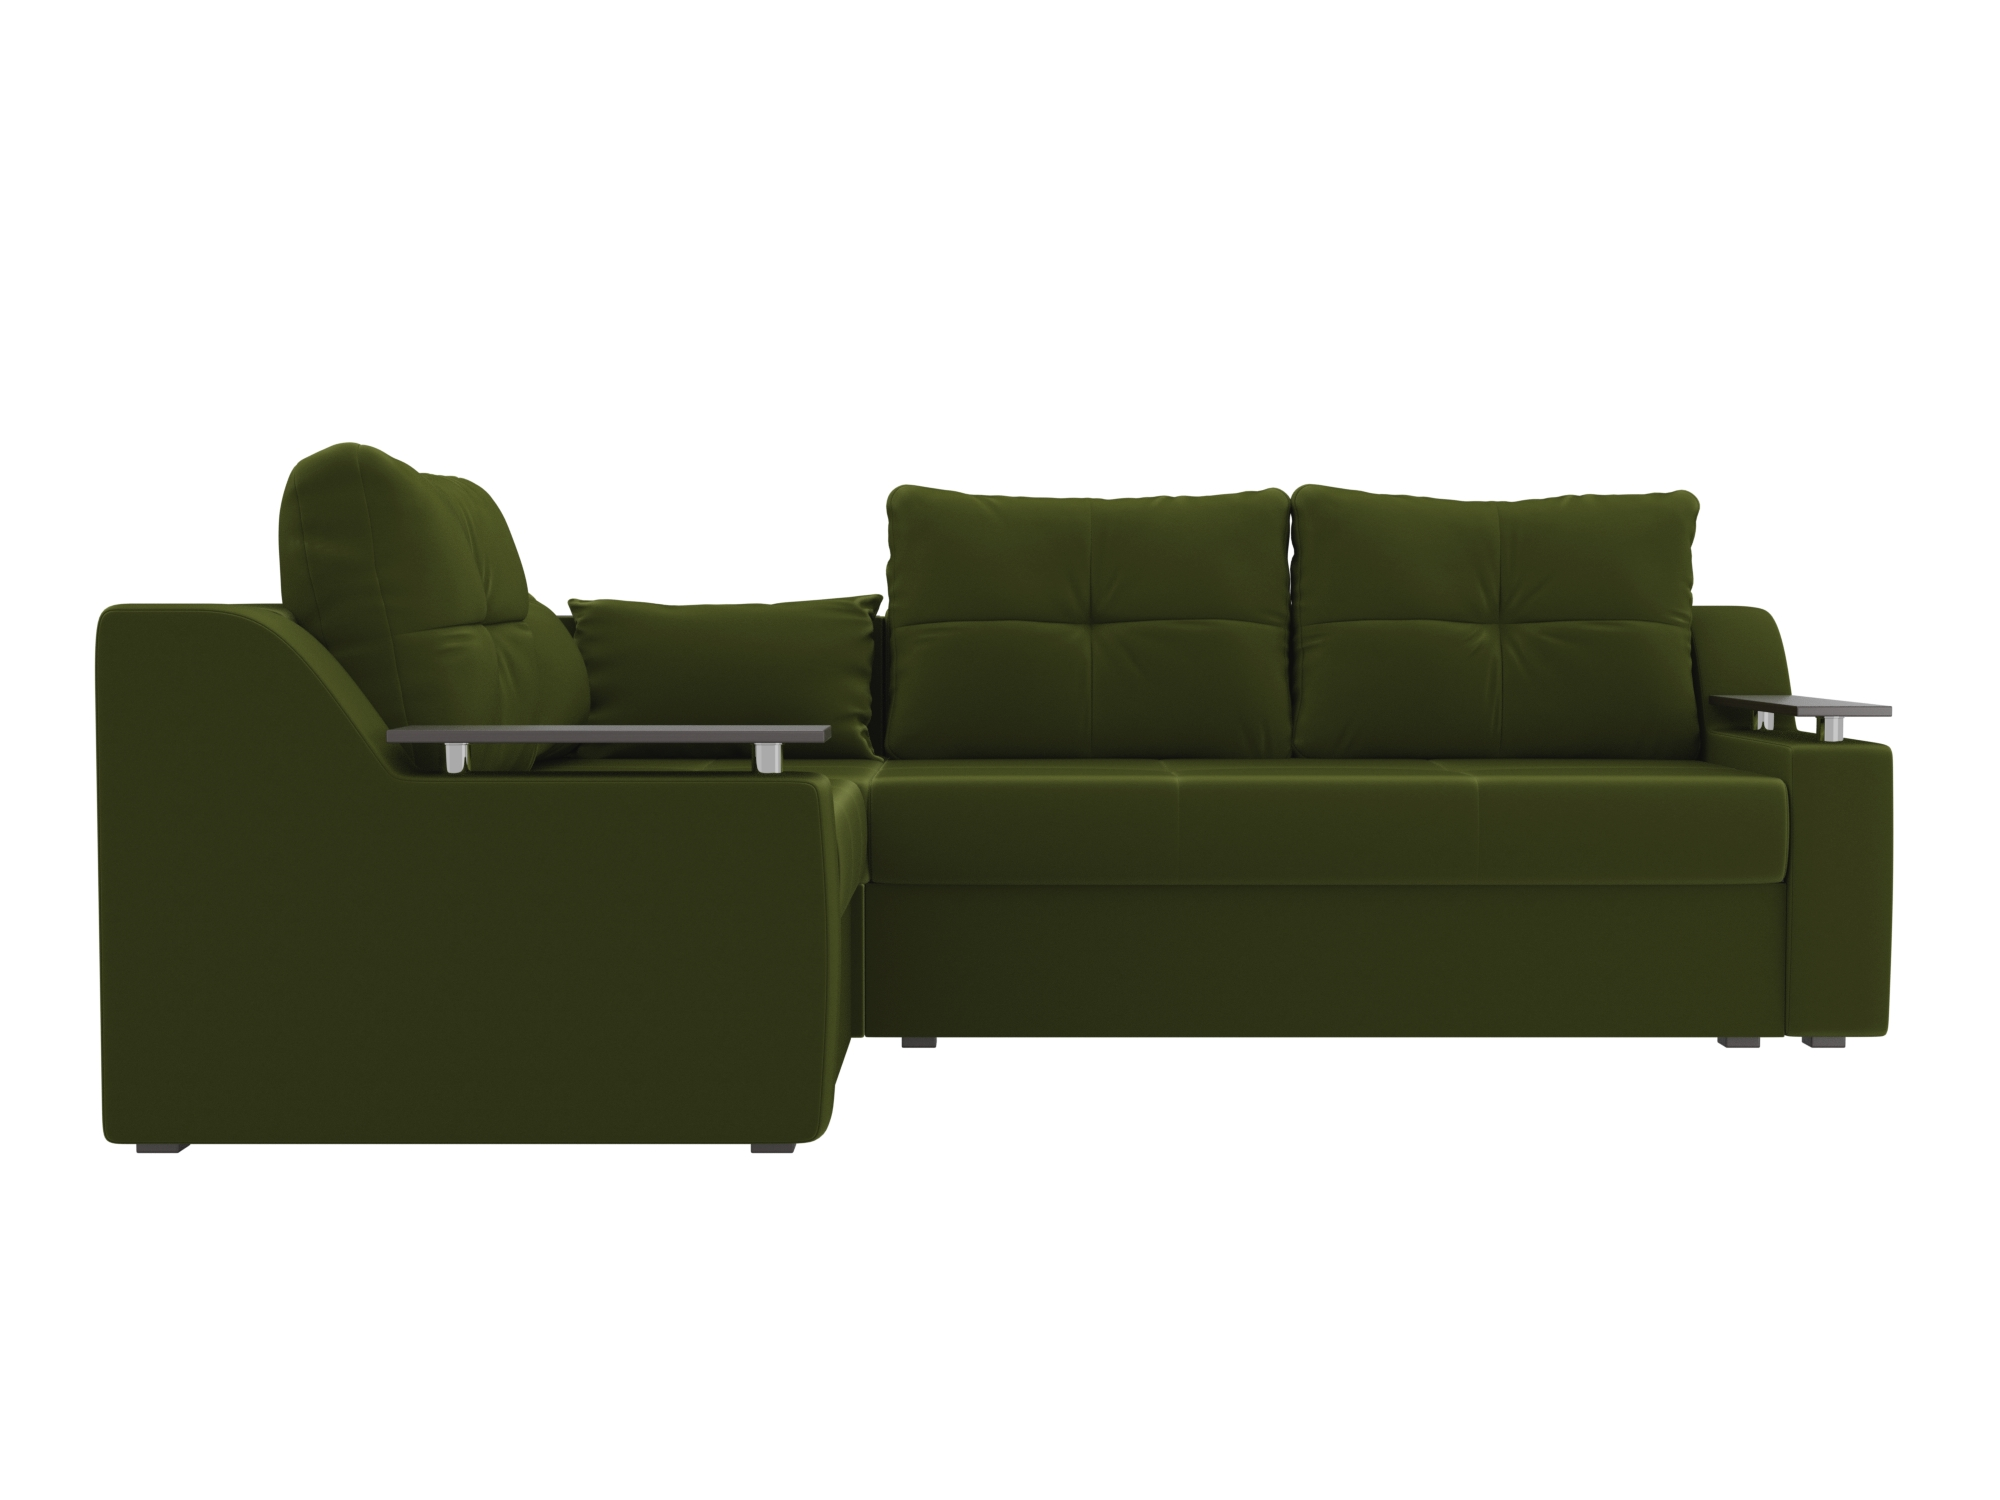 Угловой диван Митчелл Левый MebelVia Зеленый, Микровельвет, ЛДСП угловой диван милфорд левый mebelvia зеленый микровельвет лдсп